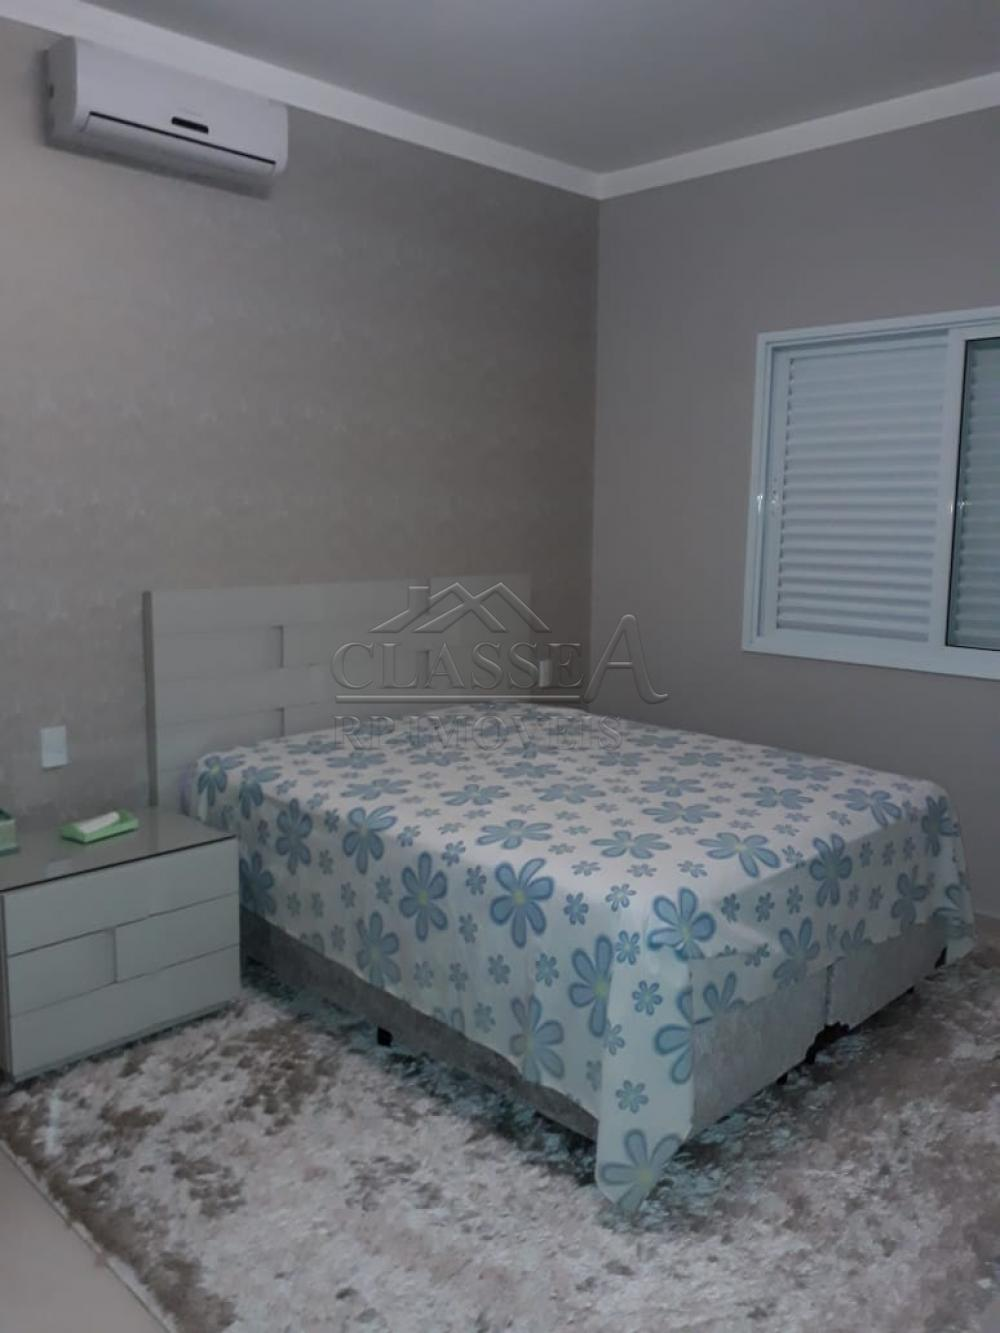 Comprar Casa / Condomínio - térrea em Ribeirão Preto R$ 1.250.000,00 - Foto 3